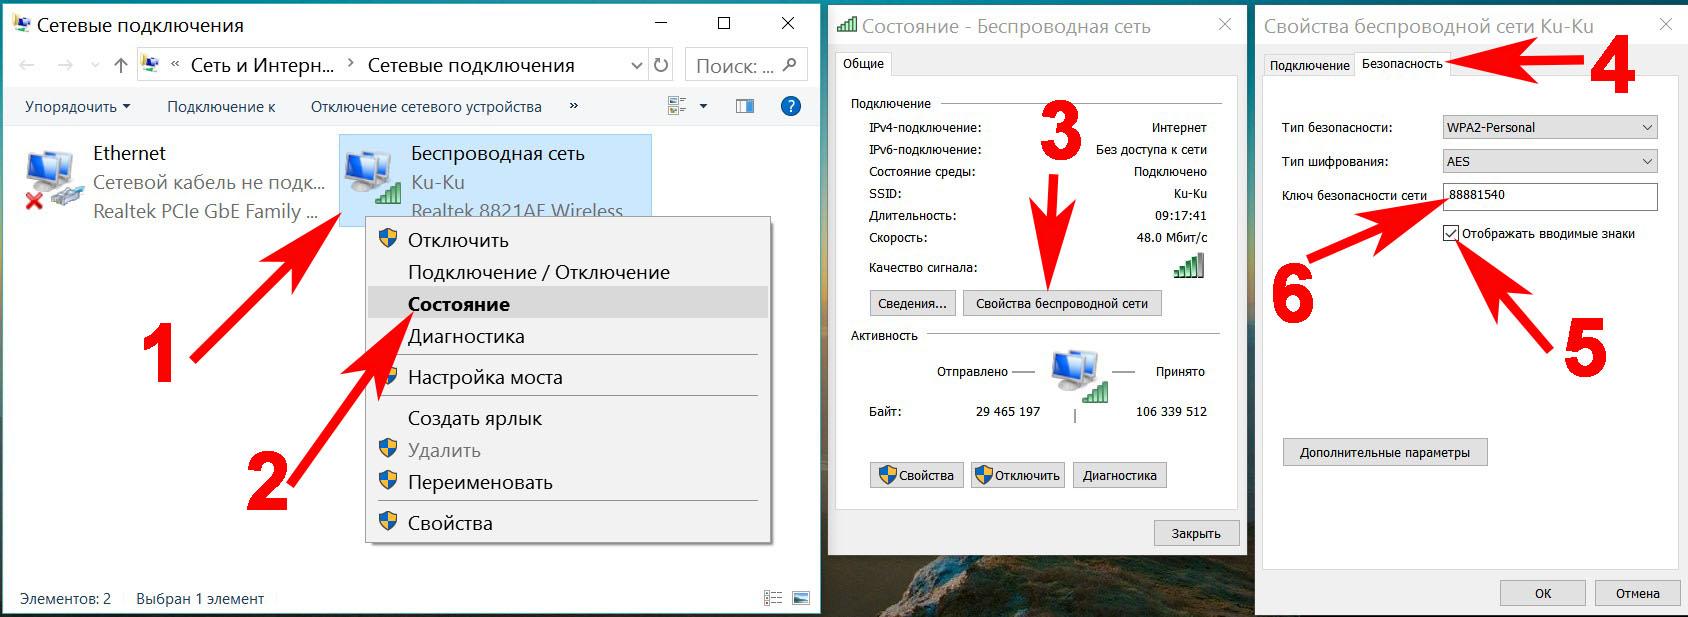 Как узнать пароль от wifi разными способами